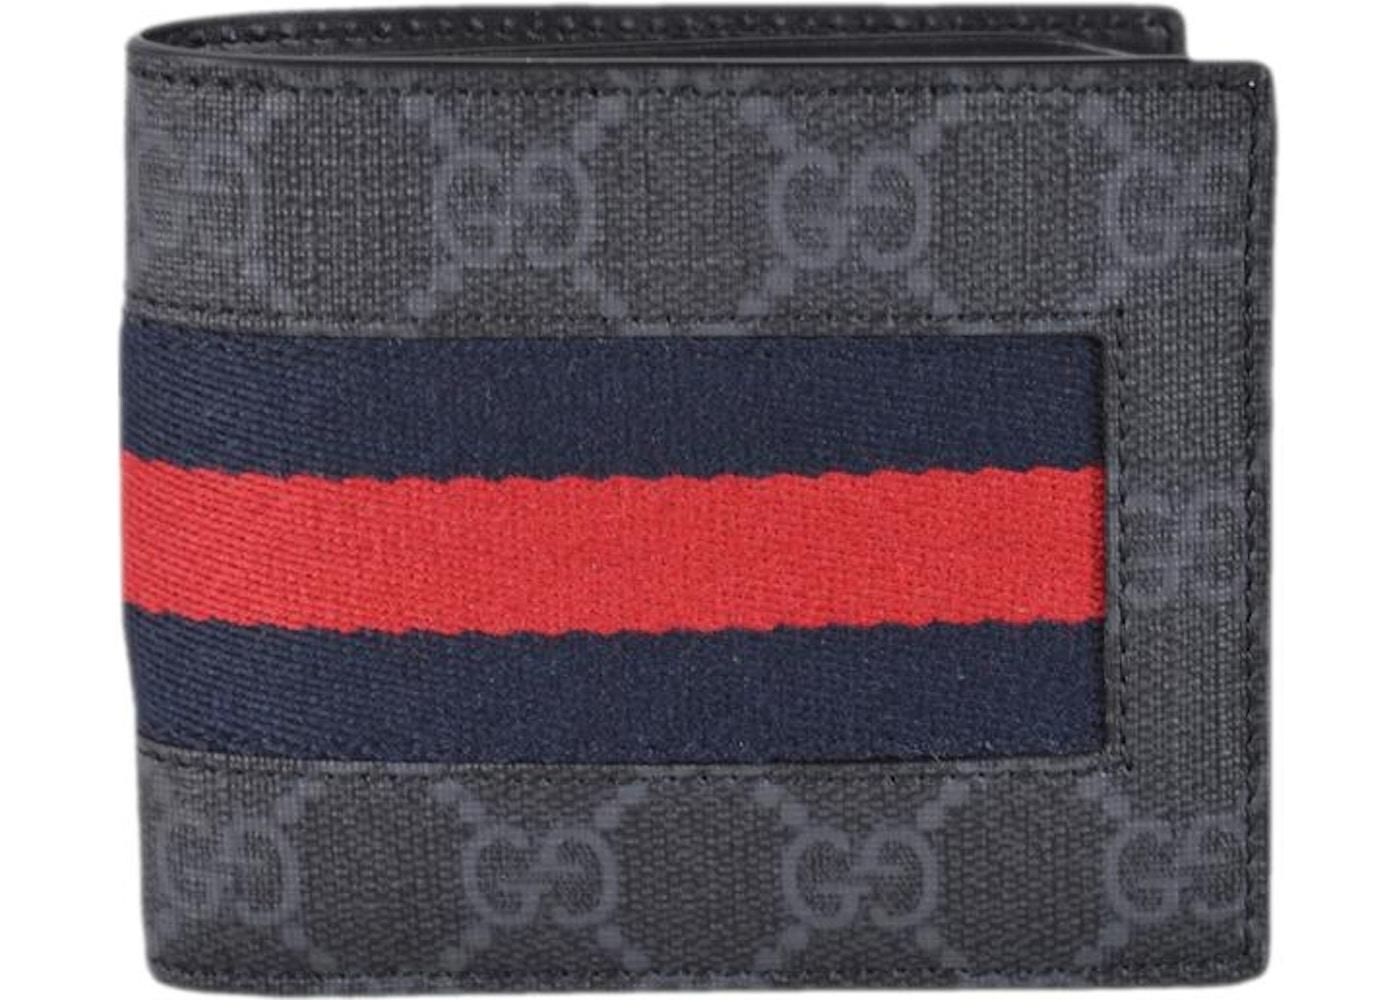 dc5b4c0c2235 Gucci Bifold Wallet GG Supreme Web Black